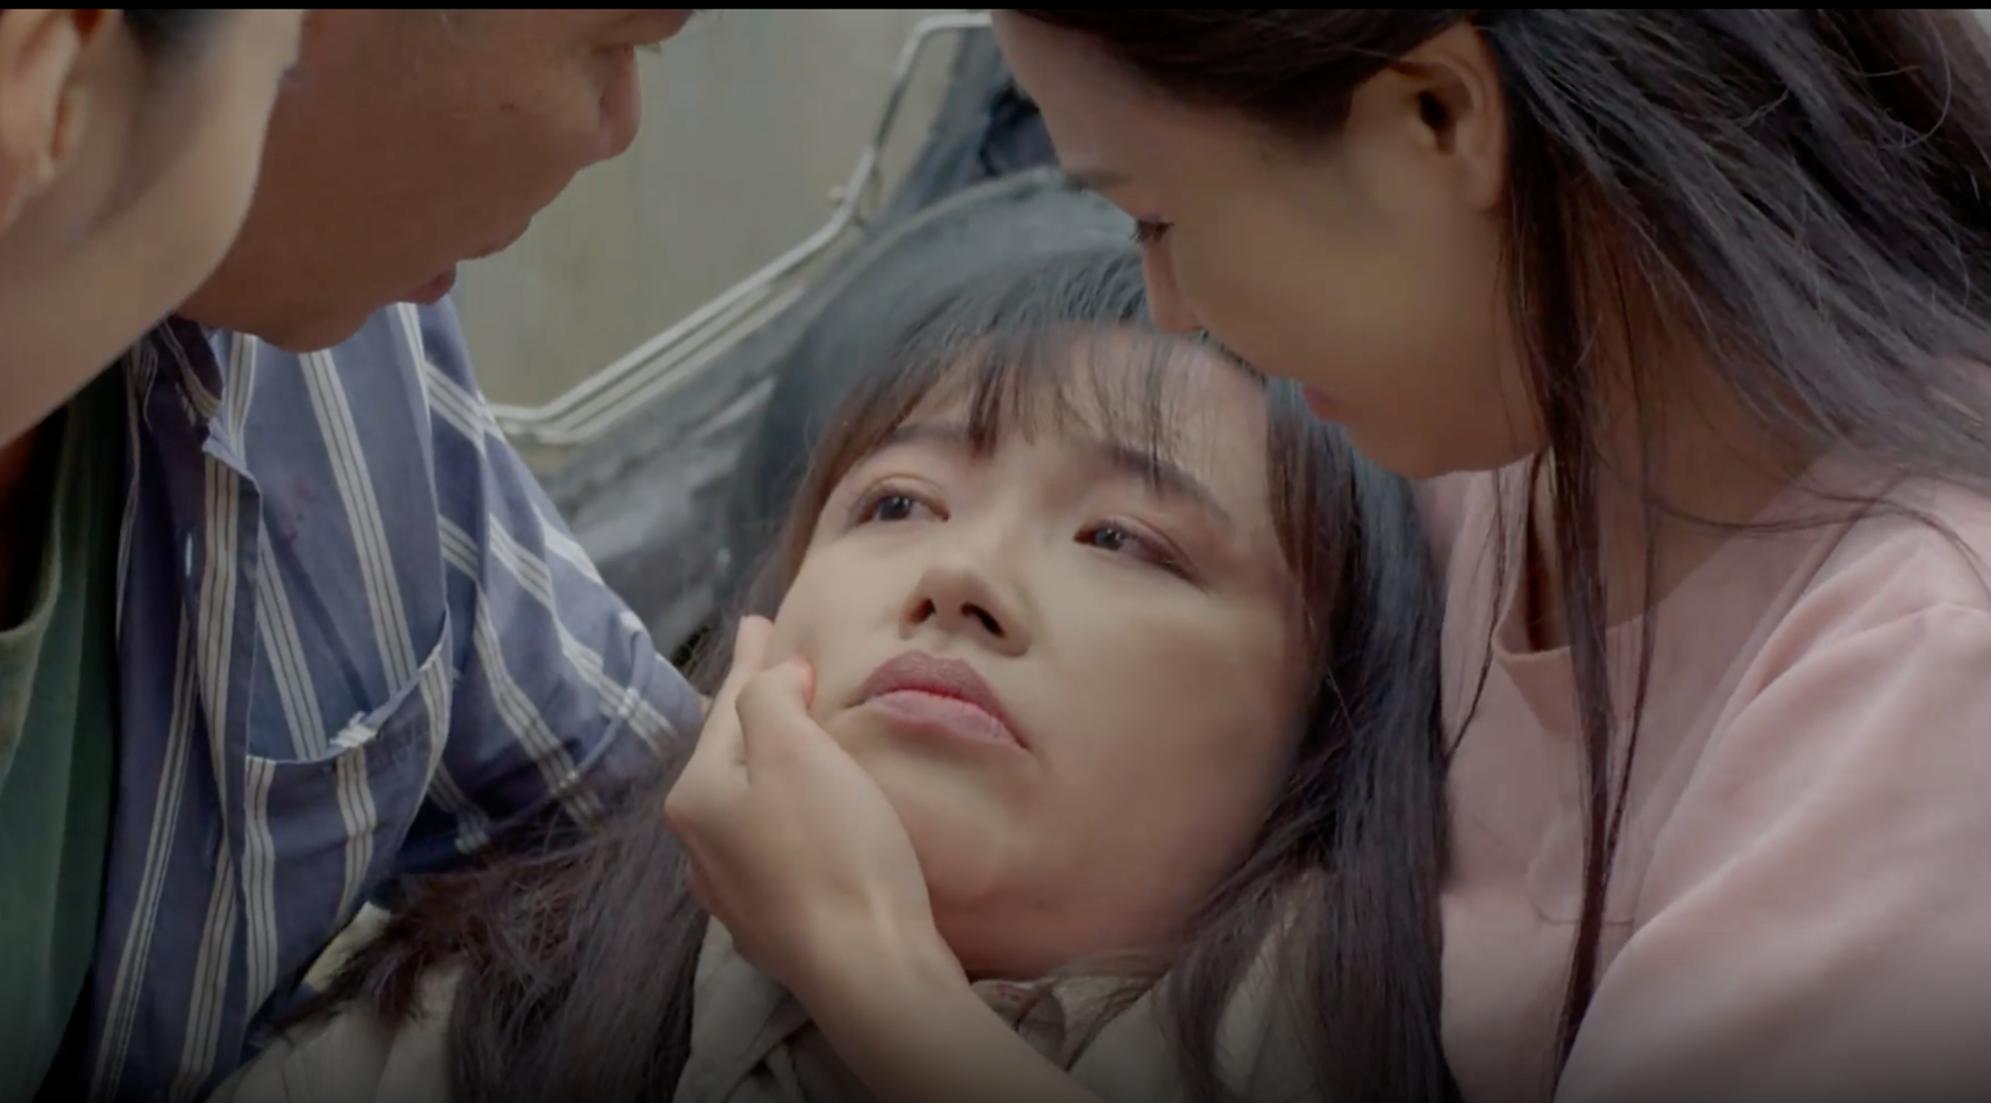 Chuyện đời Công Lý gói gọn trong 1 clip khiến dân mạng ngã ngửa: Người yêu bị giết, buồn tình lên núi ở, nhận em gái làm... con-8